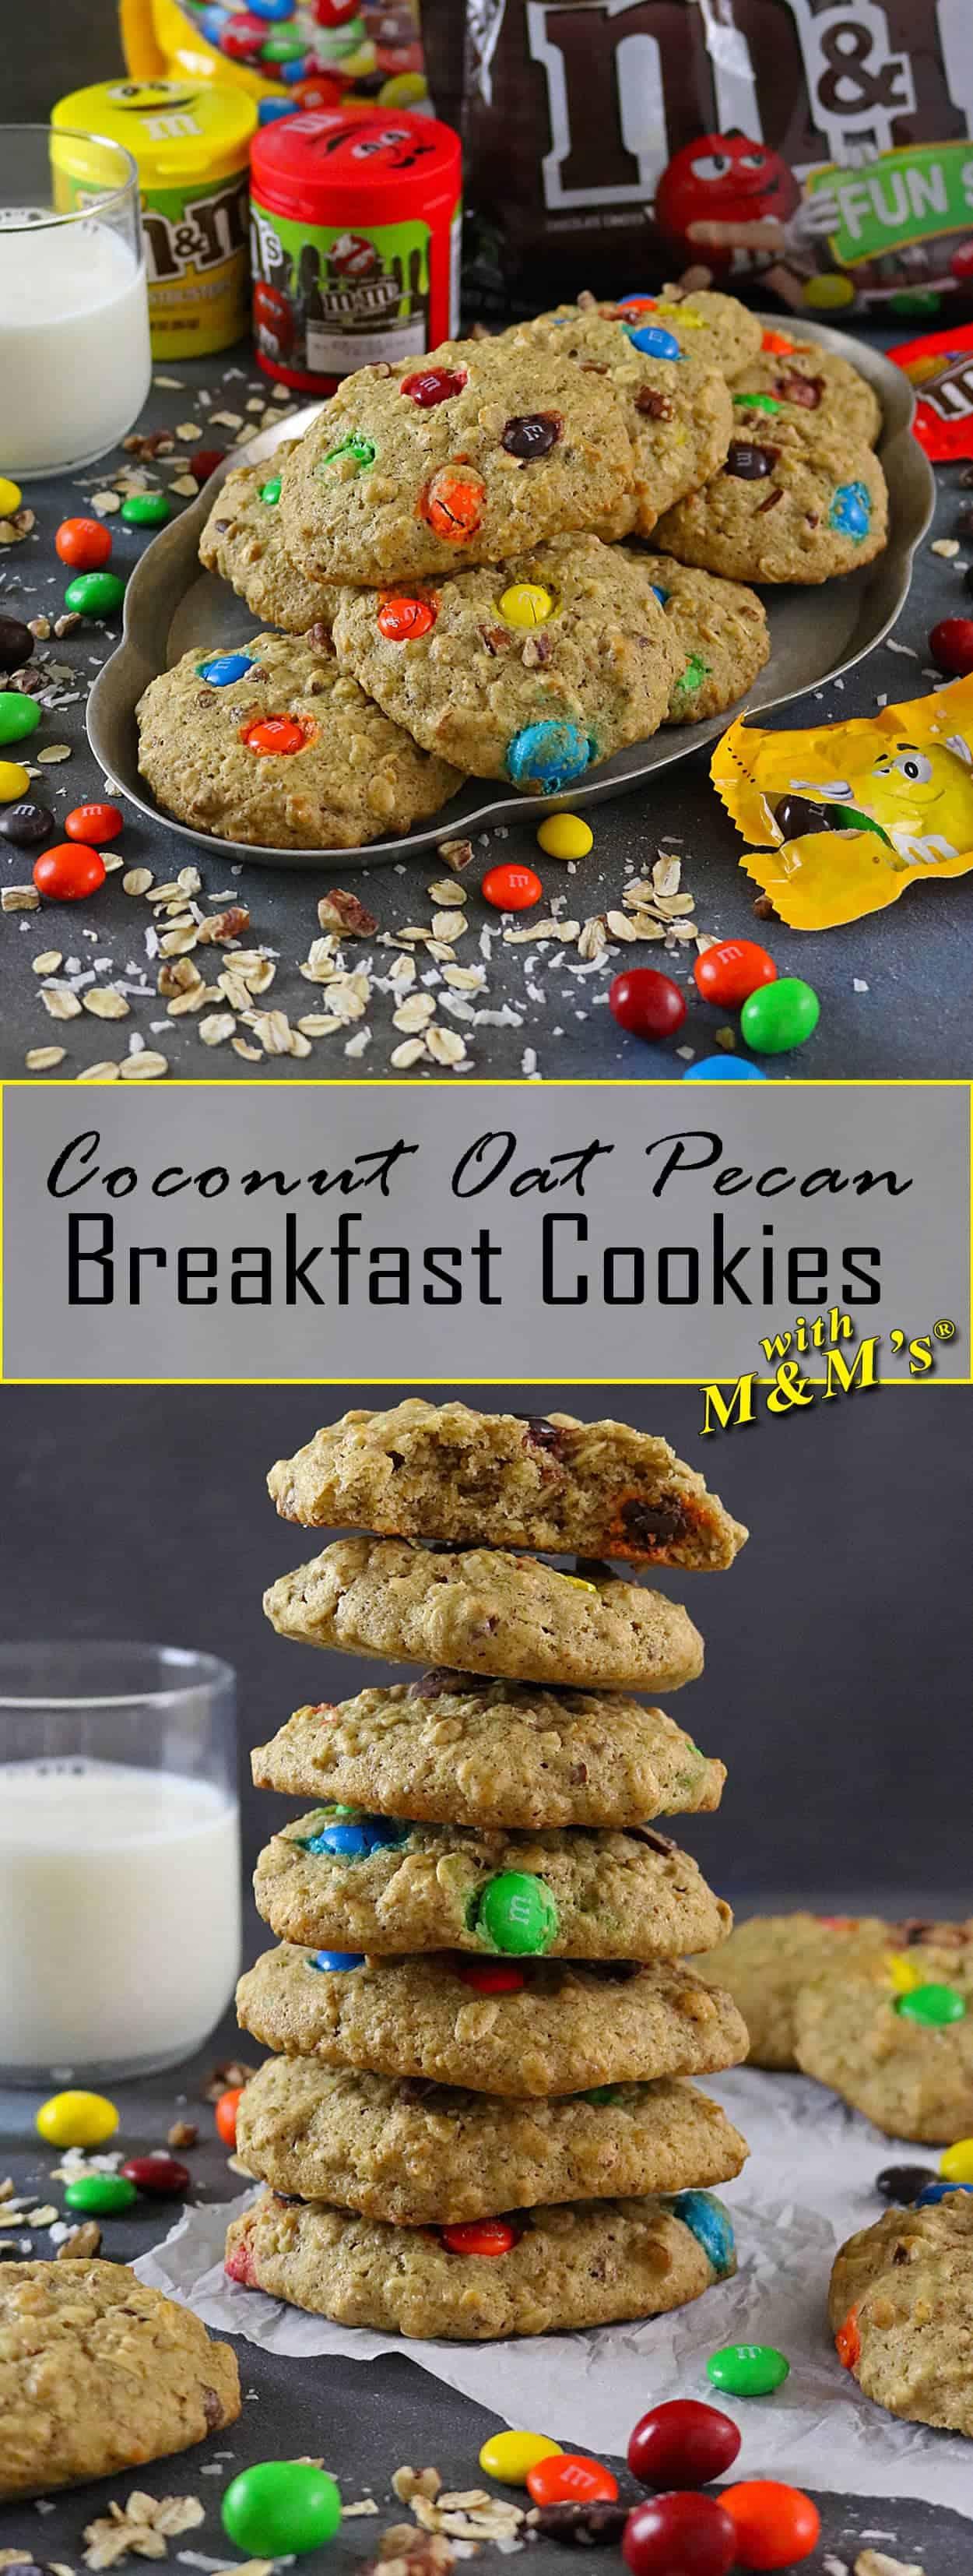 Coconut Oat Pecan Breakfast Cookies #BTSSpirit #ad